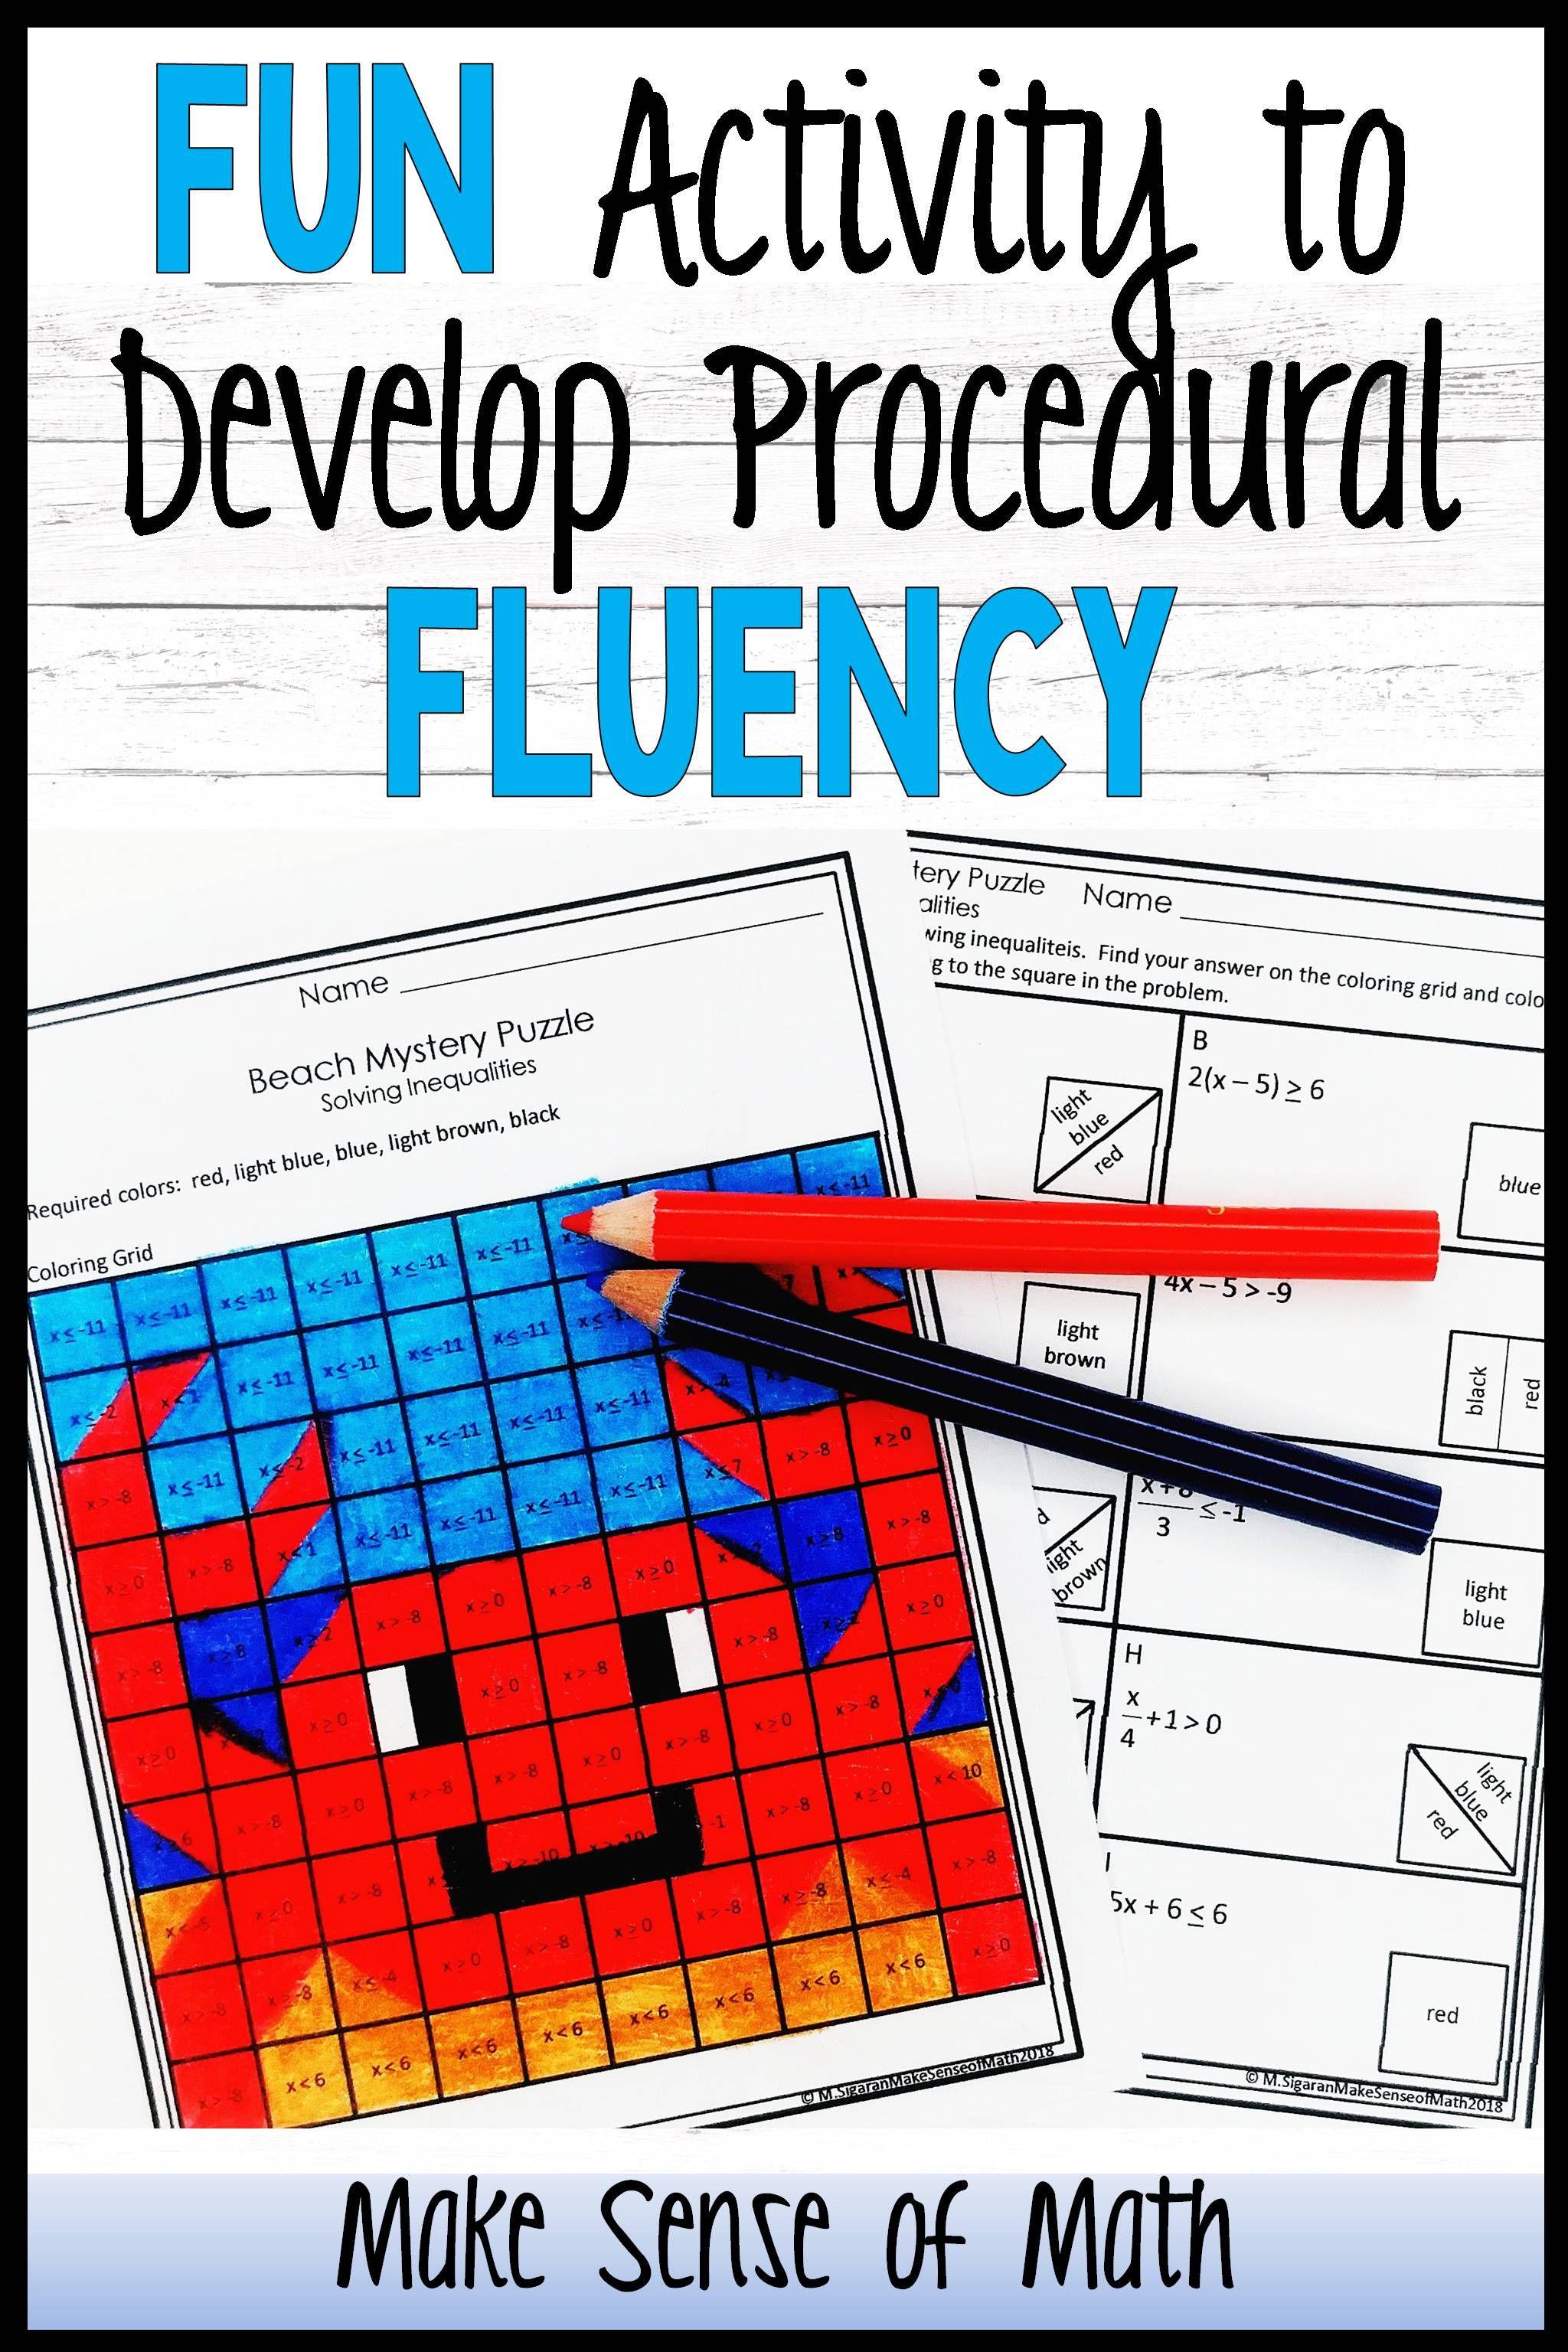 Fun Activity To Develop Procedural Fluency